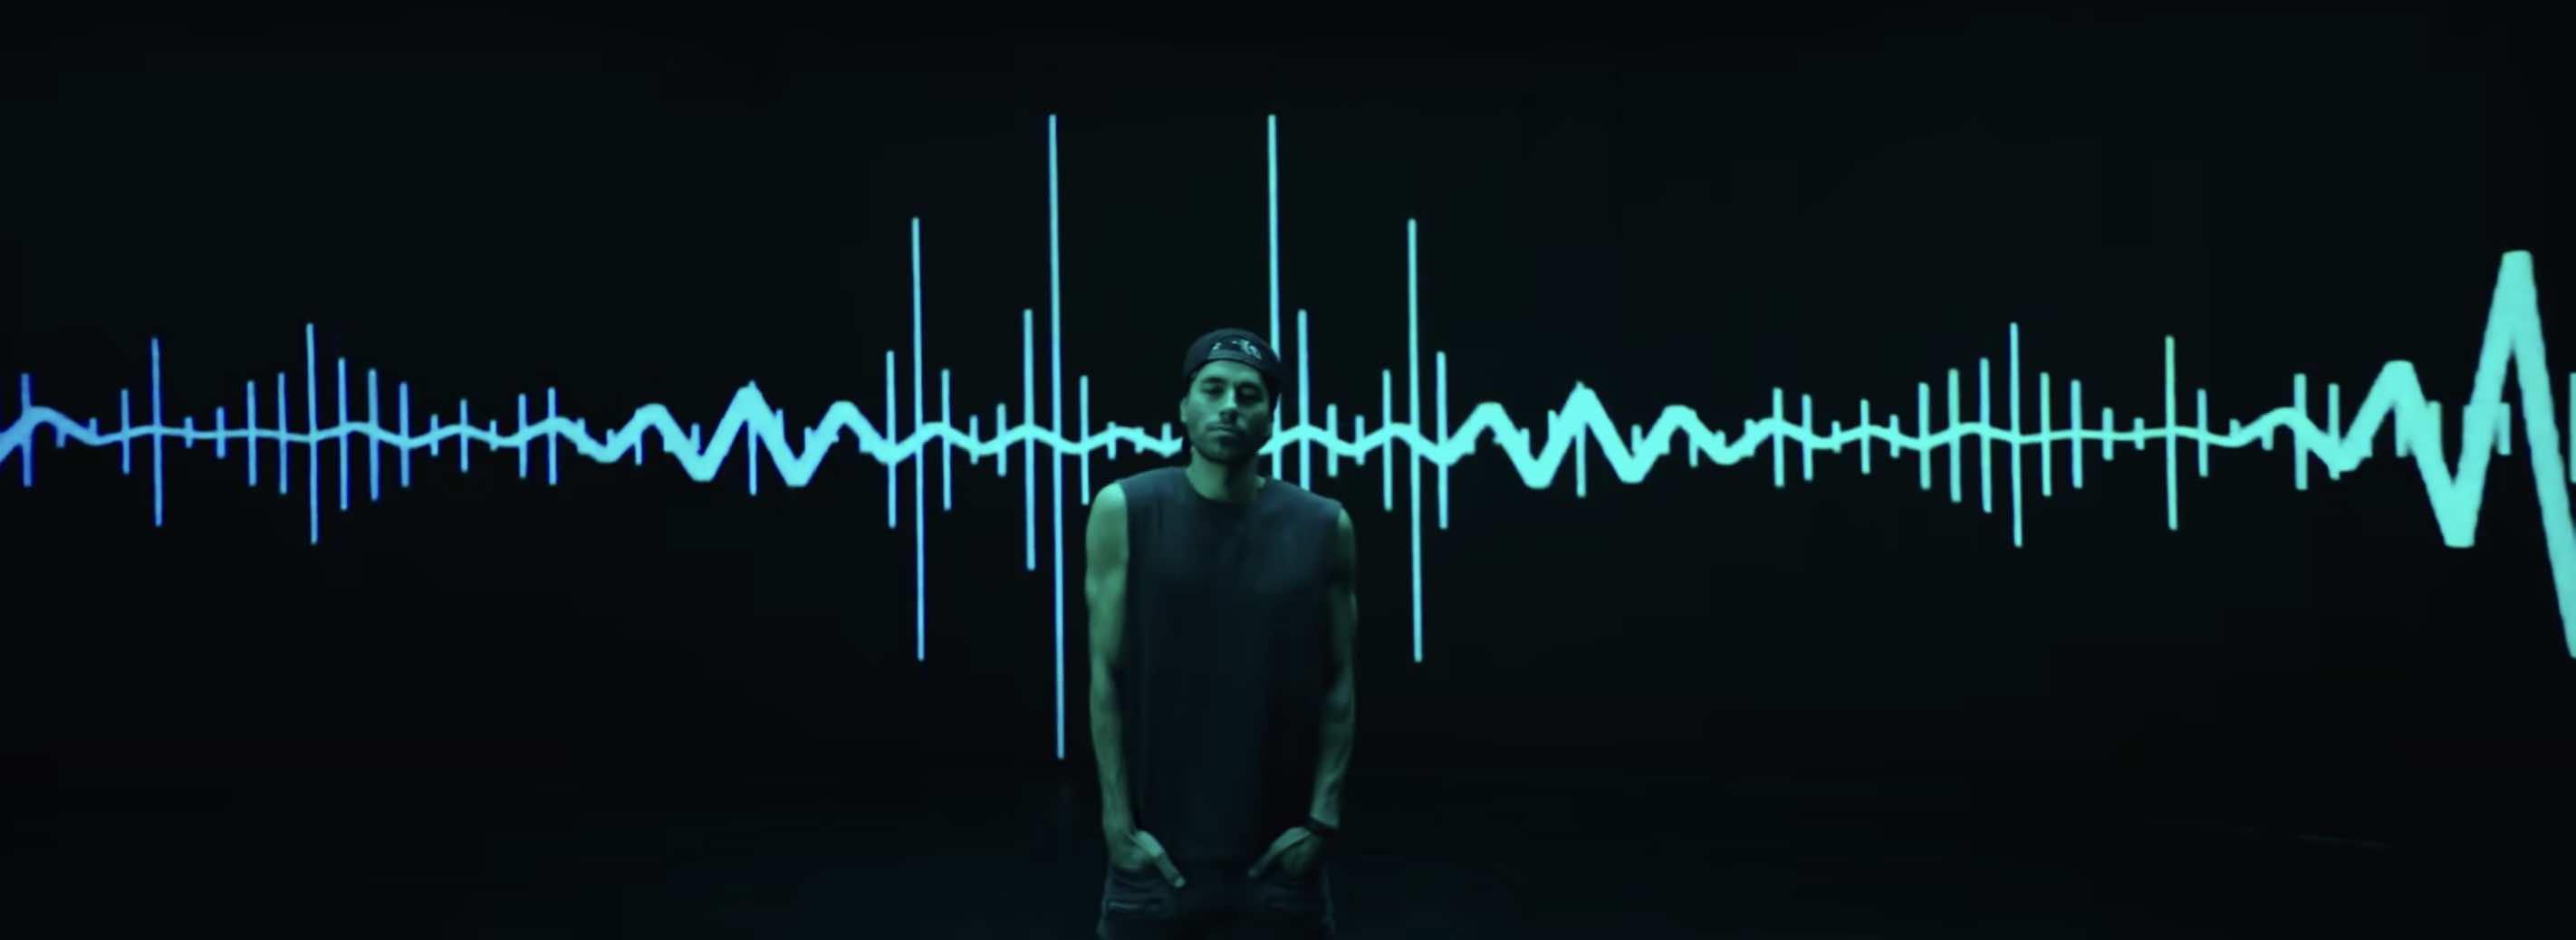 Enrique Iglesias - Final - Pendejo -